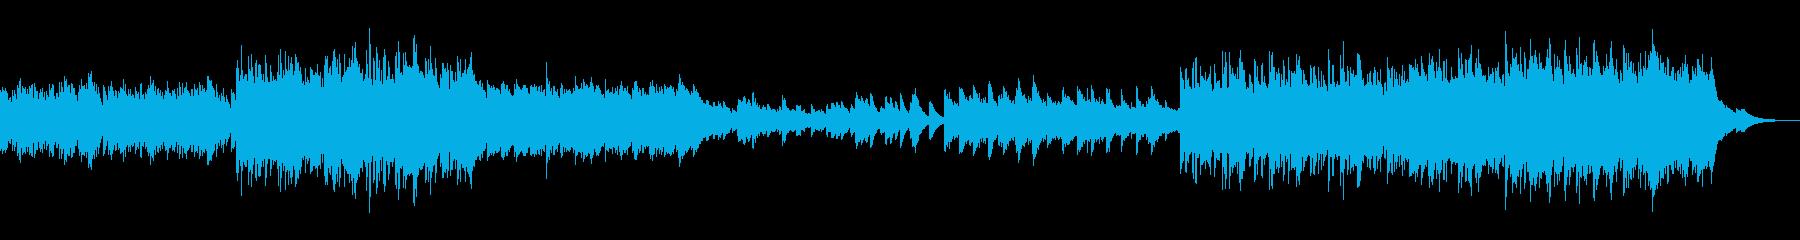 繊細で透明感のある映像向けBGMの再生済みの波形